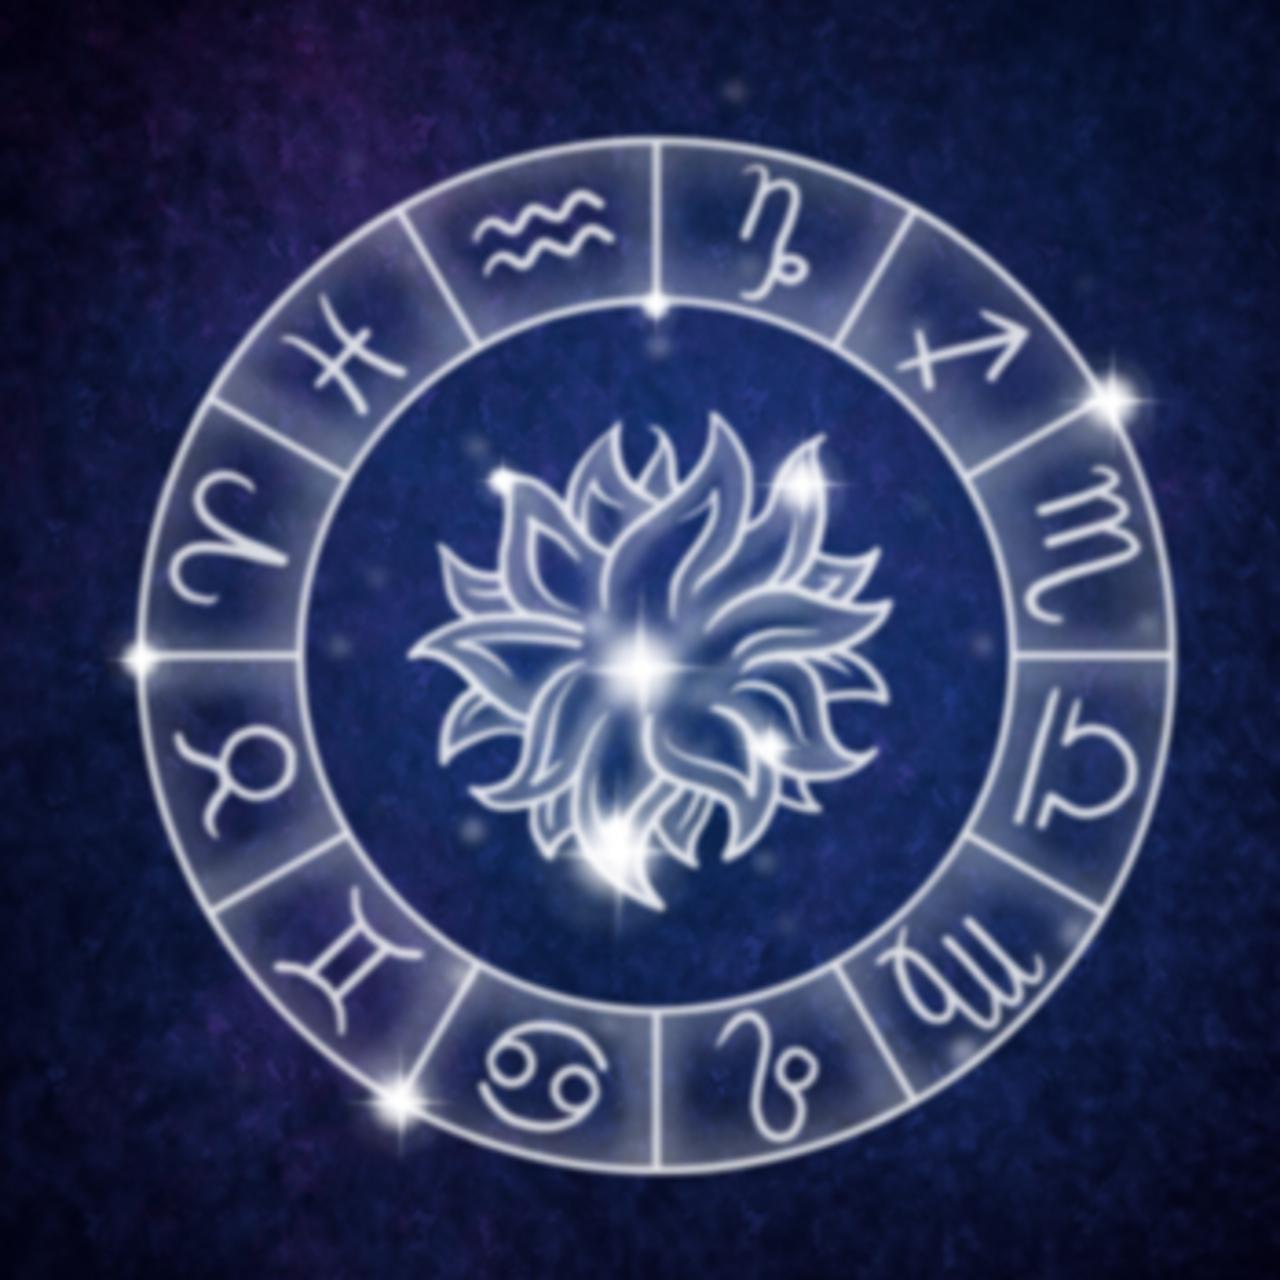 гороскоп на 23 февраля натальи правдиной для водолея можете посмотреть